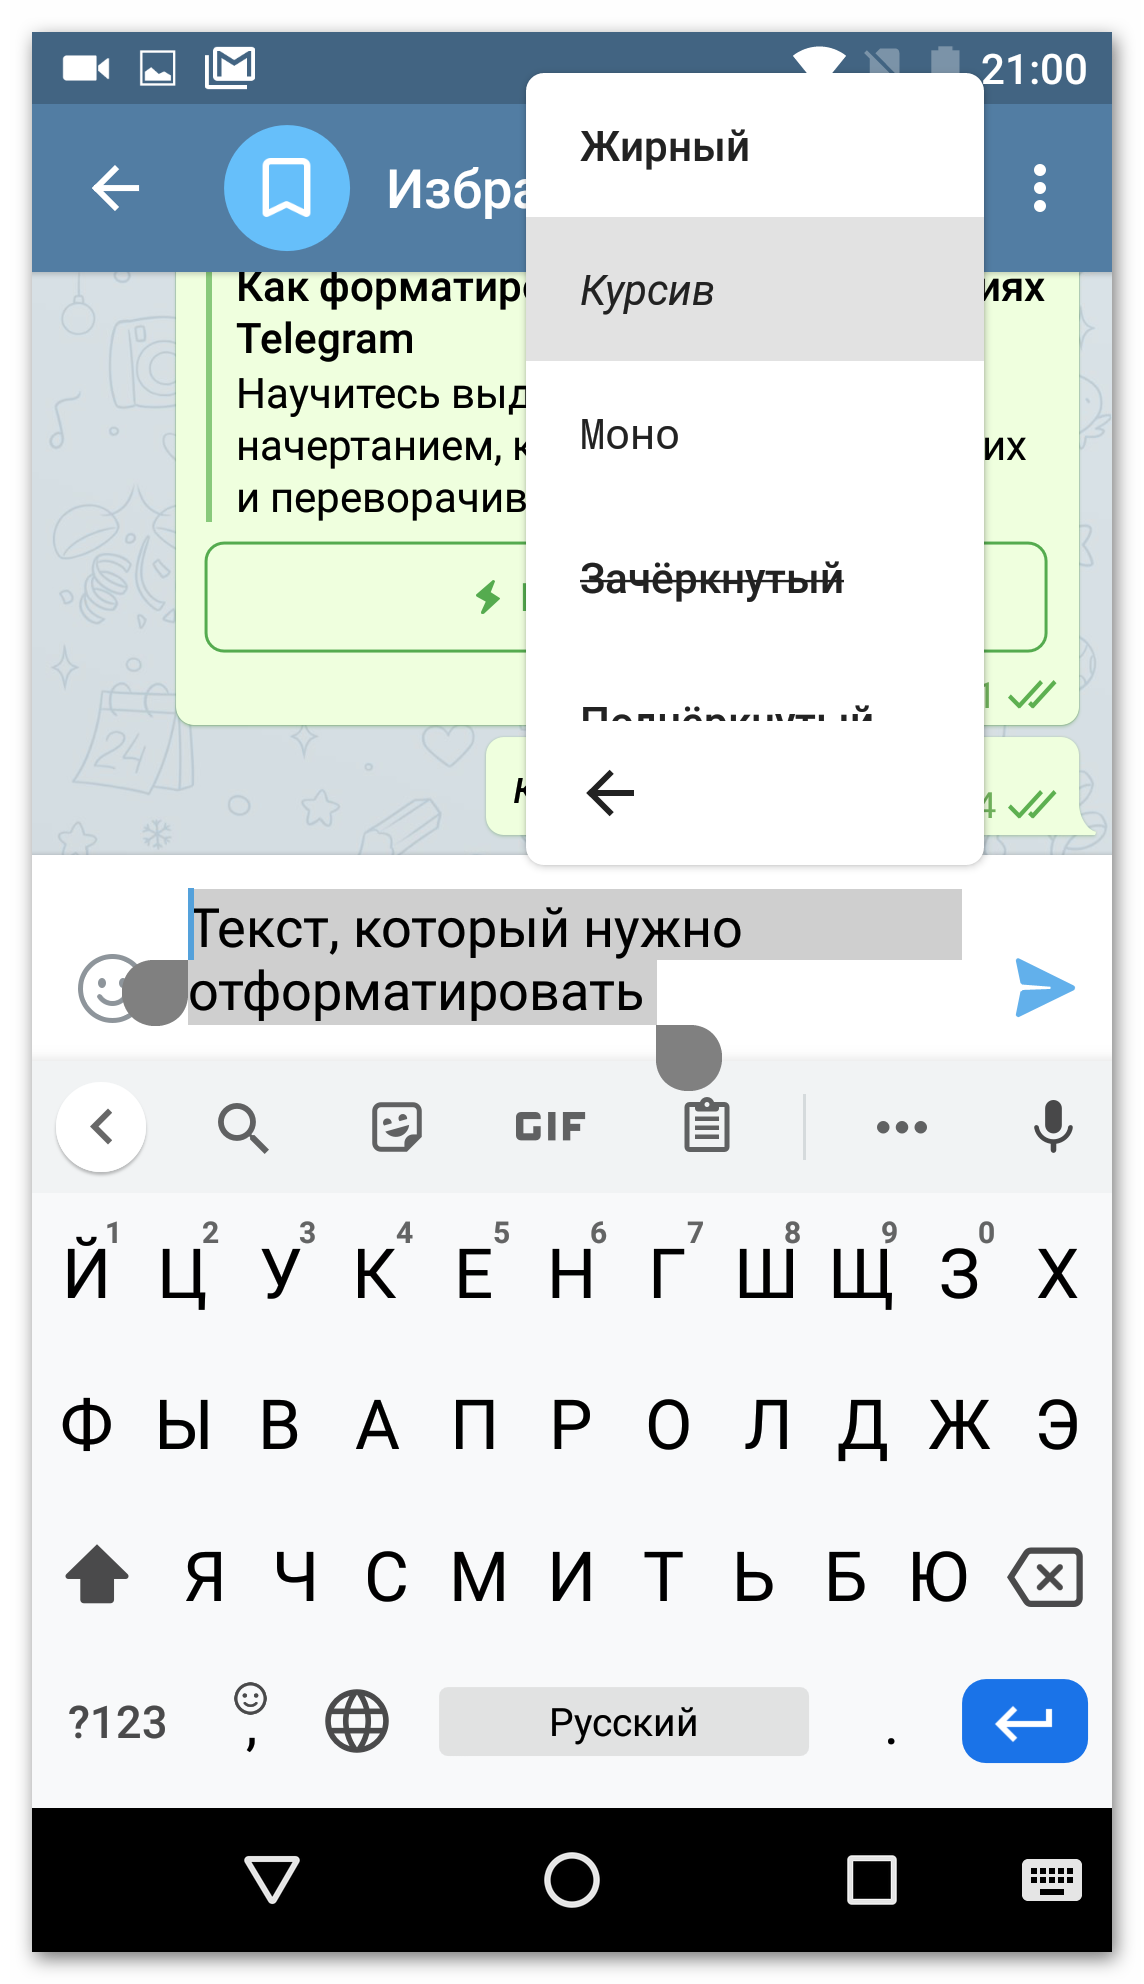 Как фоматировать текст в публикации в Телеграм канале